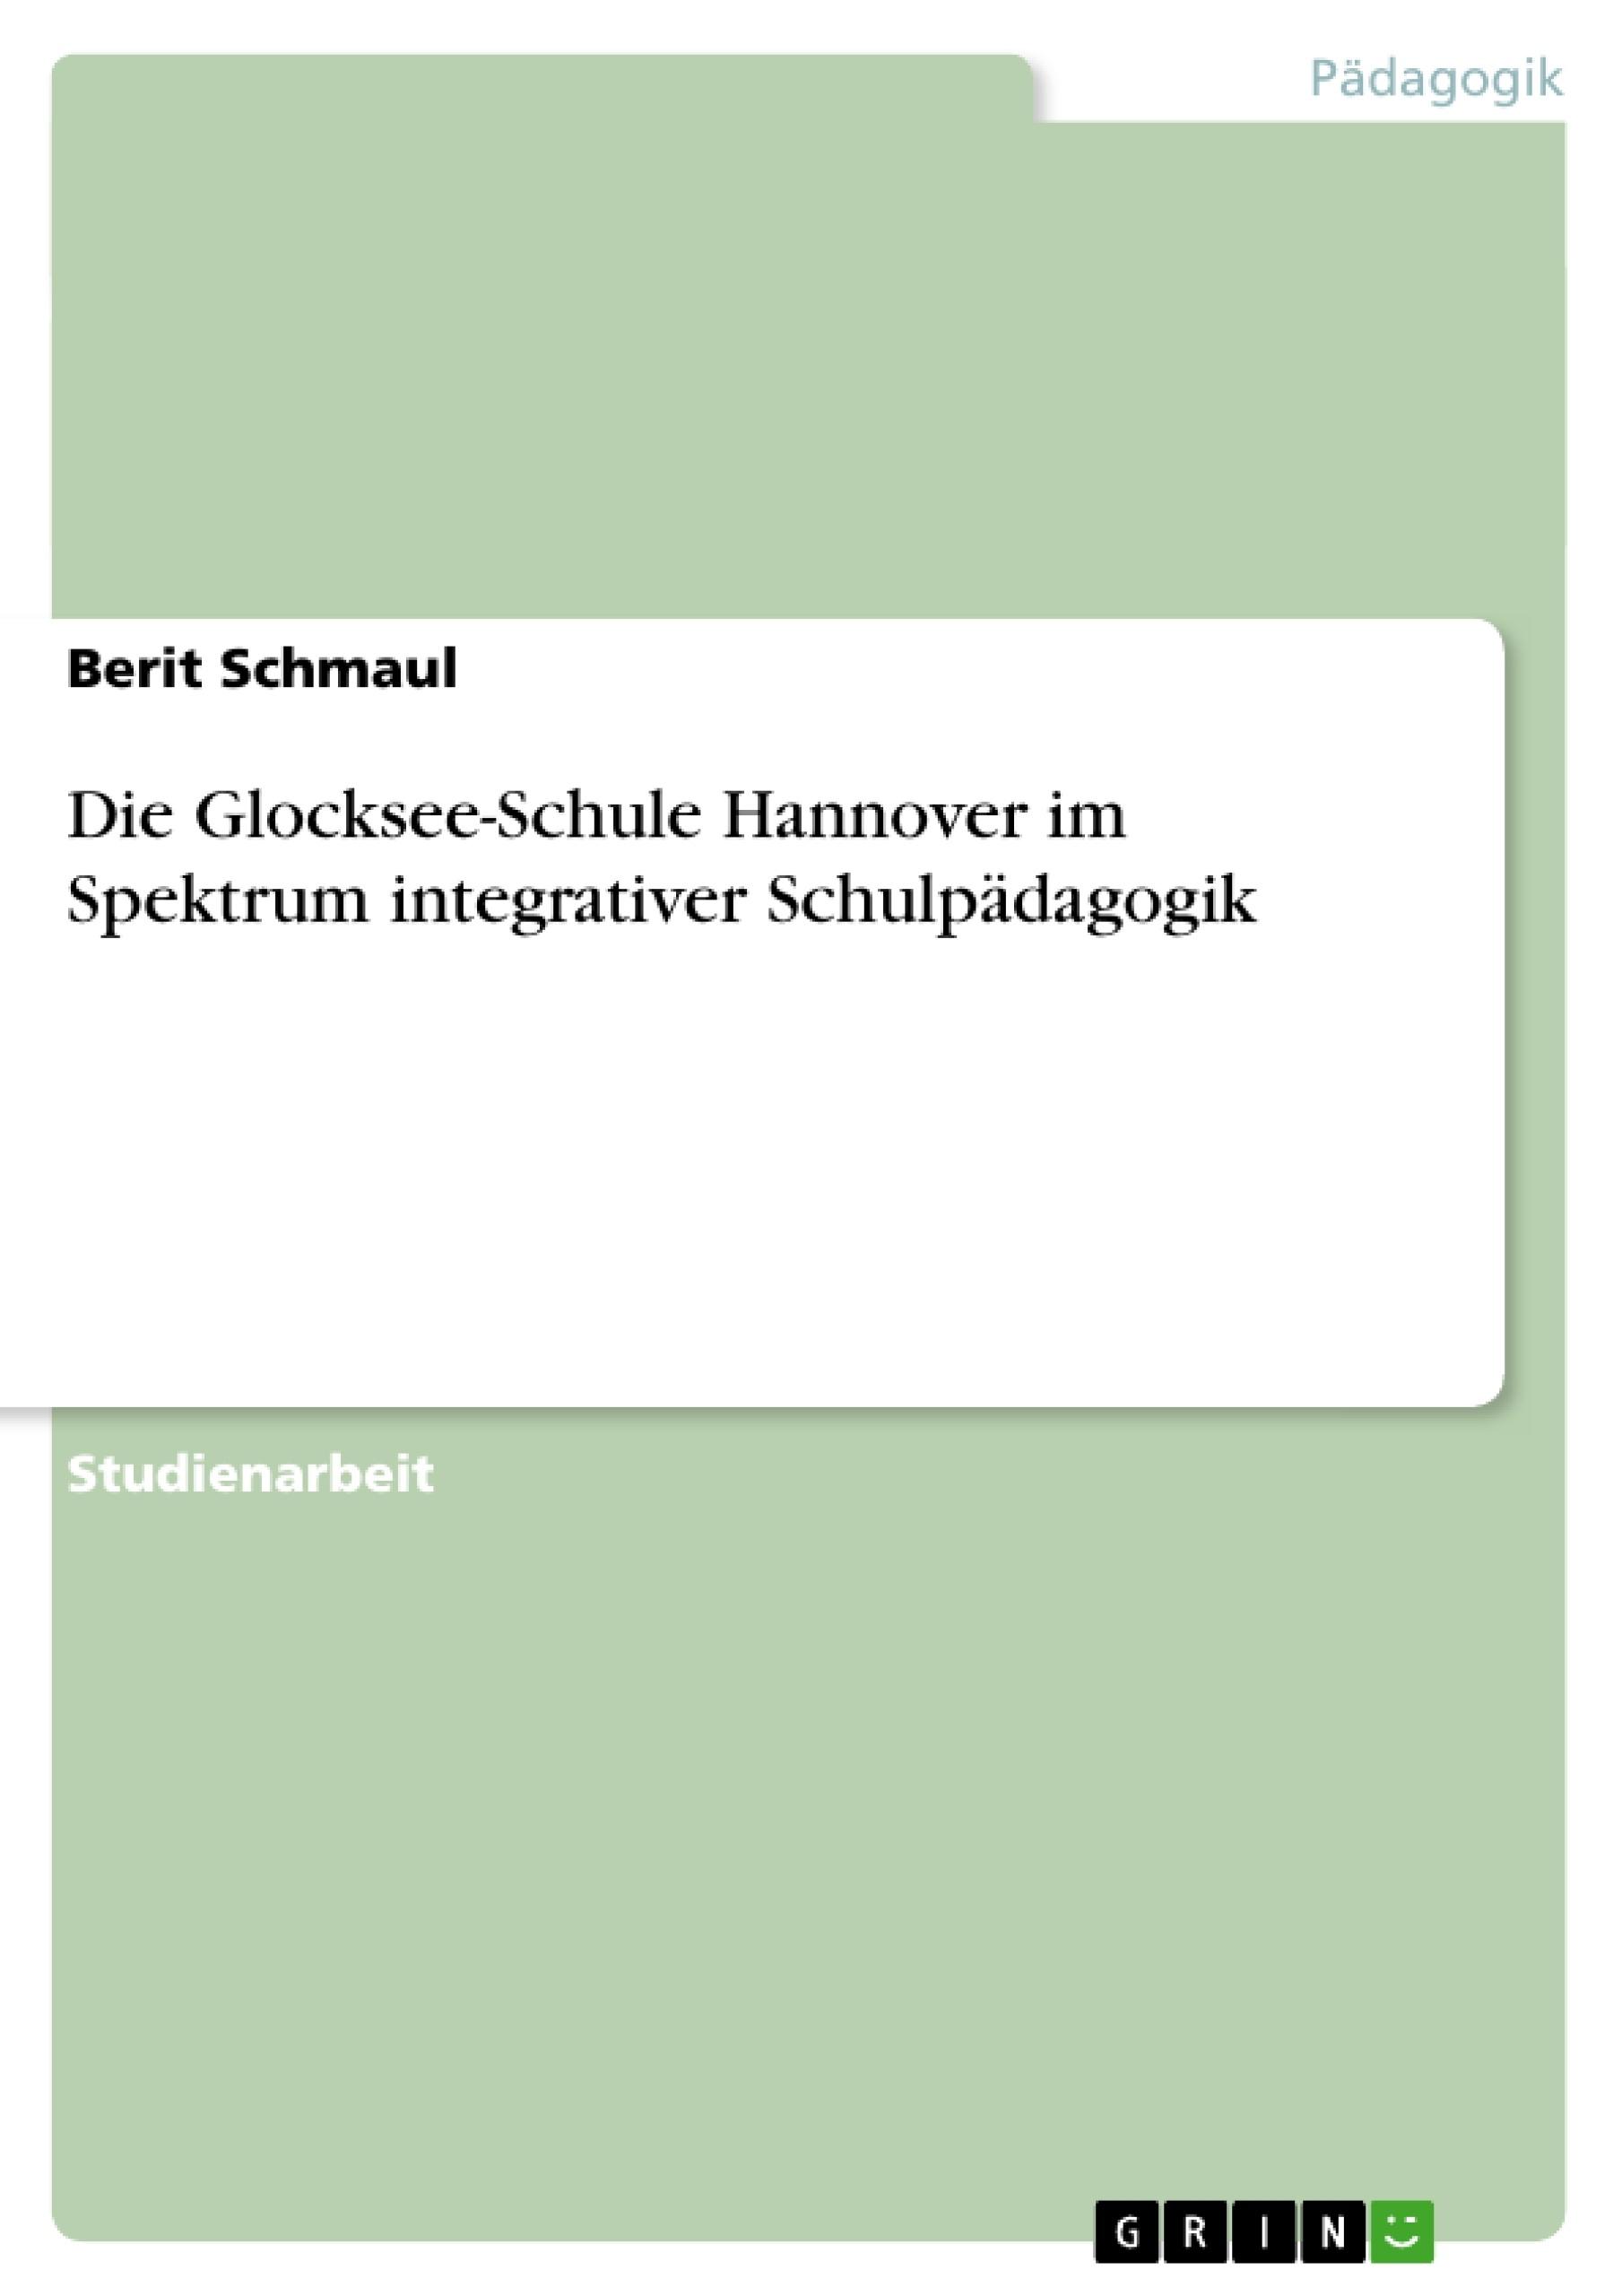 Titel: Die Glocksee-Schule Hannover im Spektrum integrativer Schulpädagogik